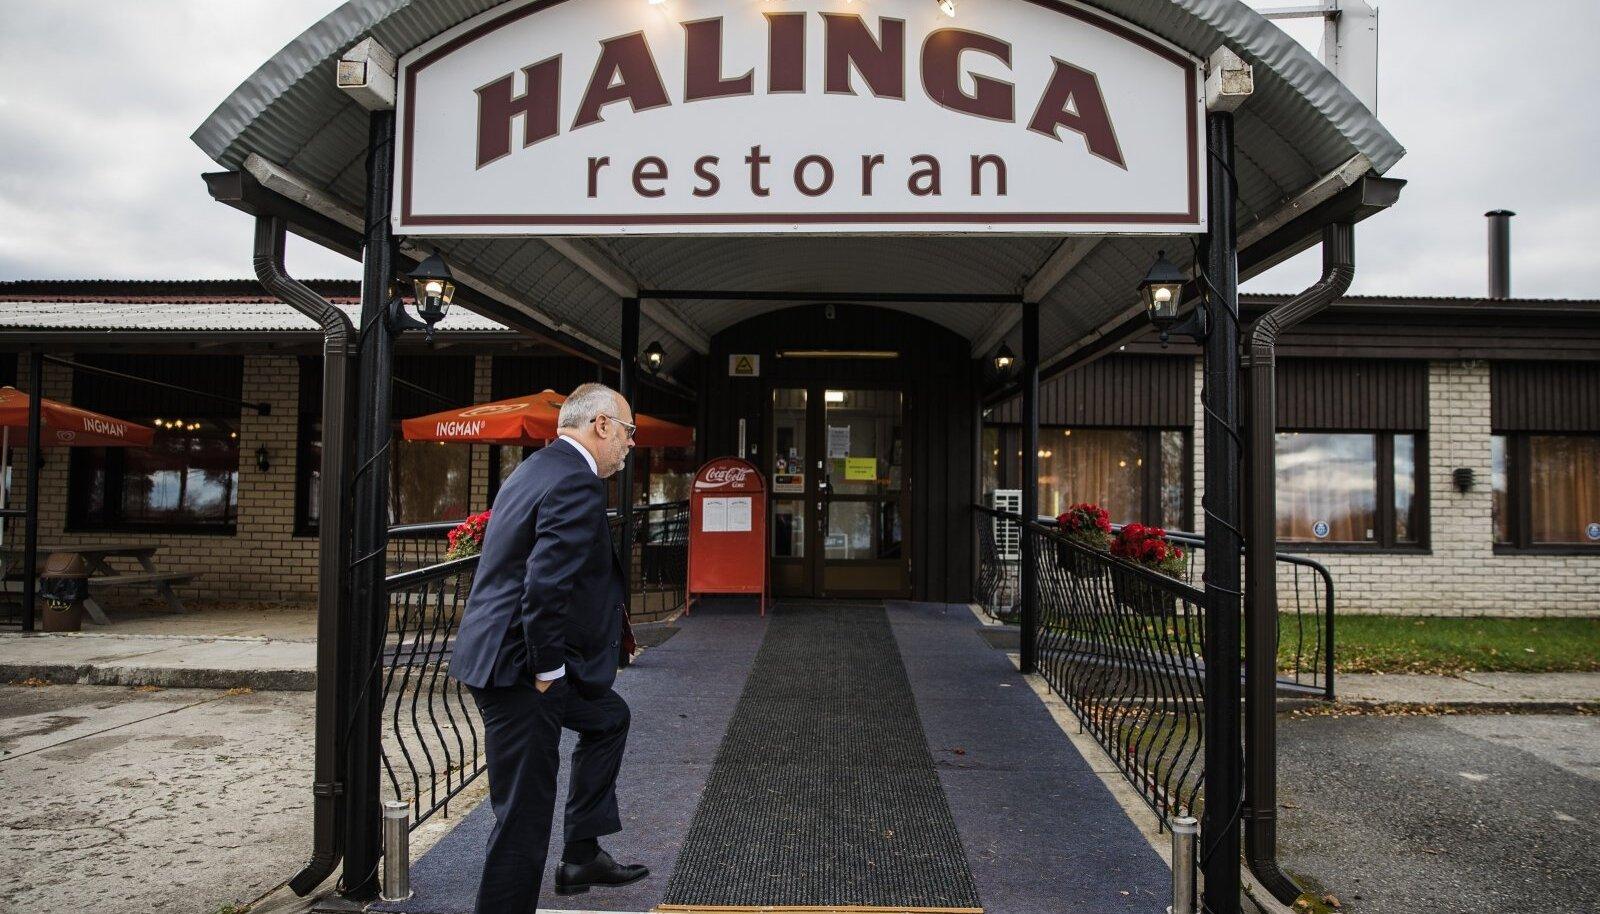 Sellised peatused on välisvisiitidel harukordsed. Tagasiteel Tallinna astus president Karis pärast pettumust valmistanud visiiti läbi Halinga restoranist.